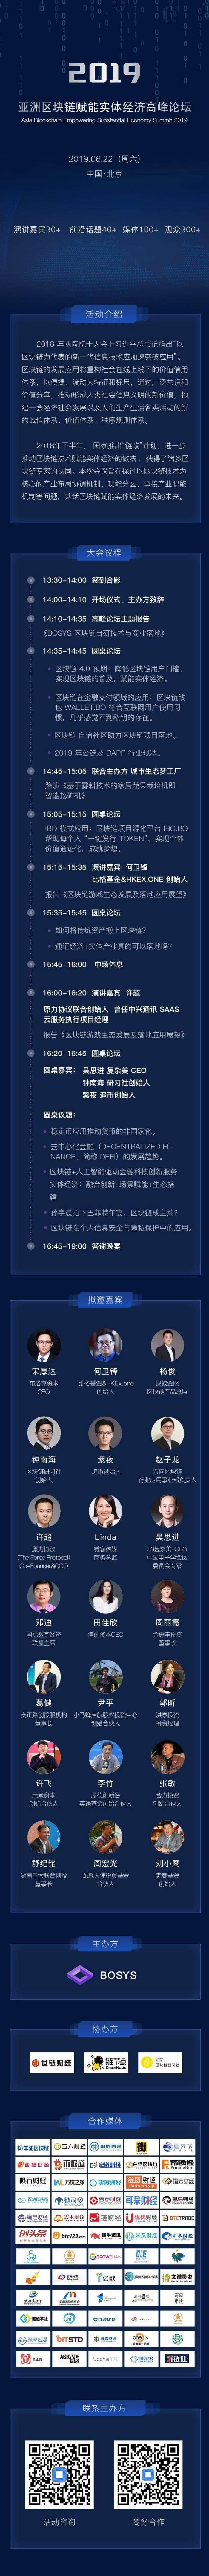 北京峰会2 btc123和猛牛资讯.jpg